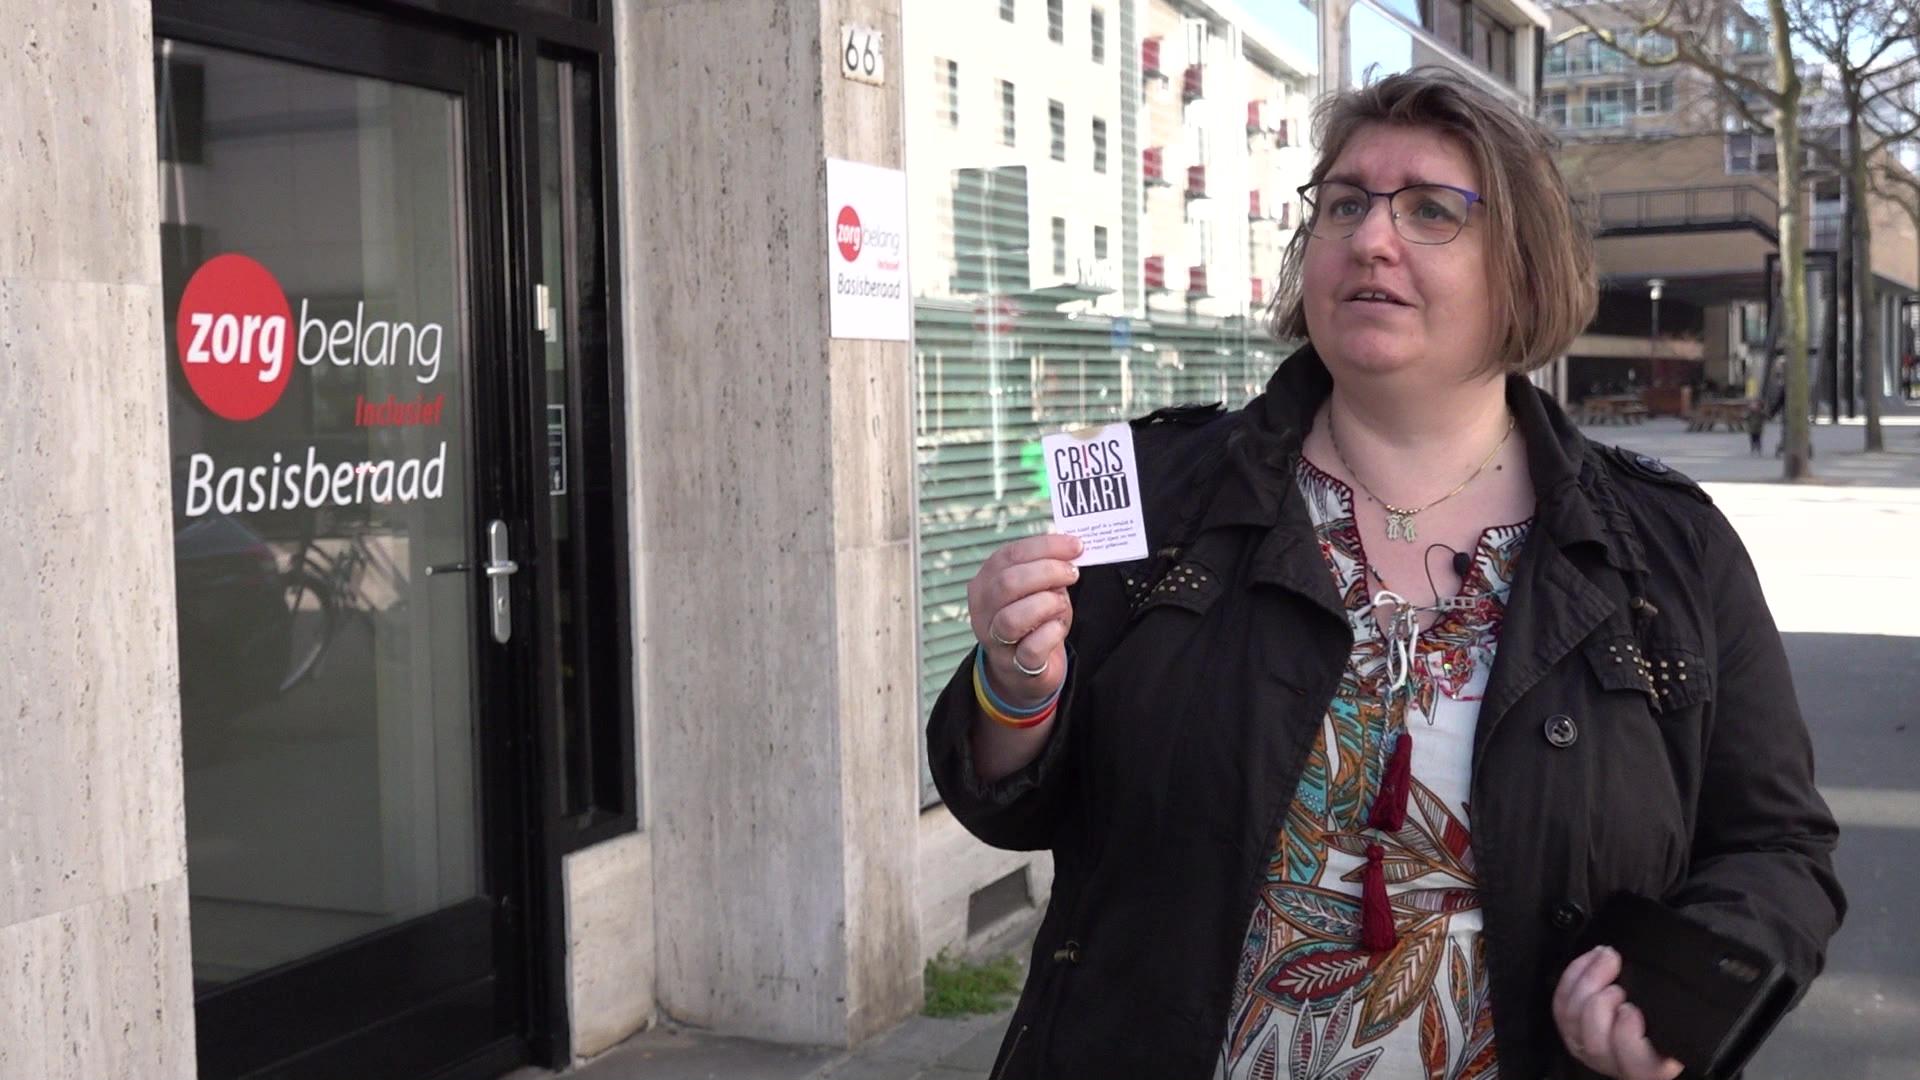 Met deze 'crisiskaart' op zak durft Tabitha de straat weer op